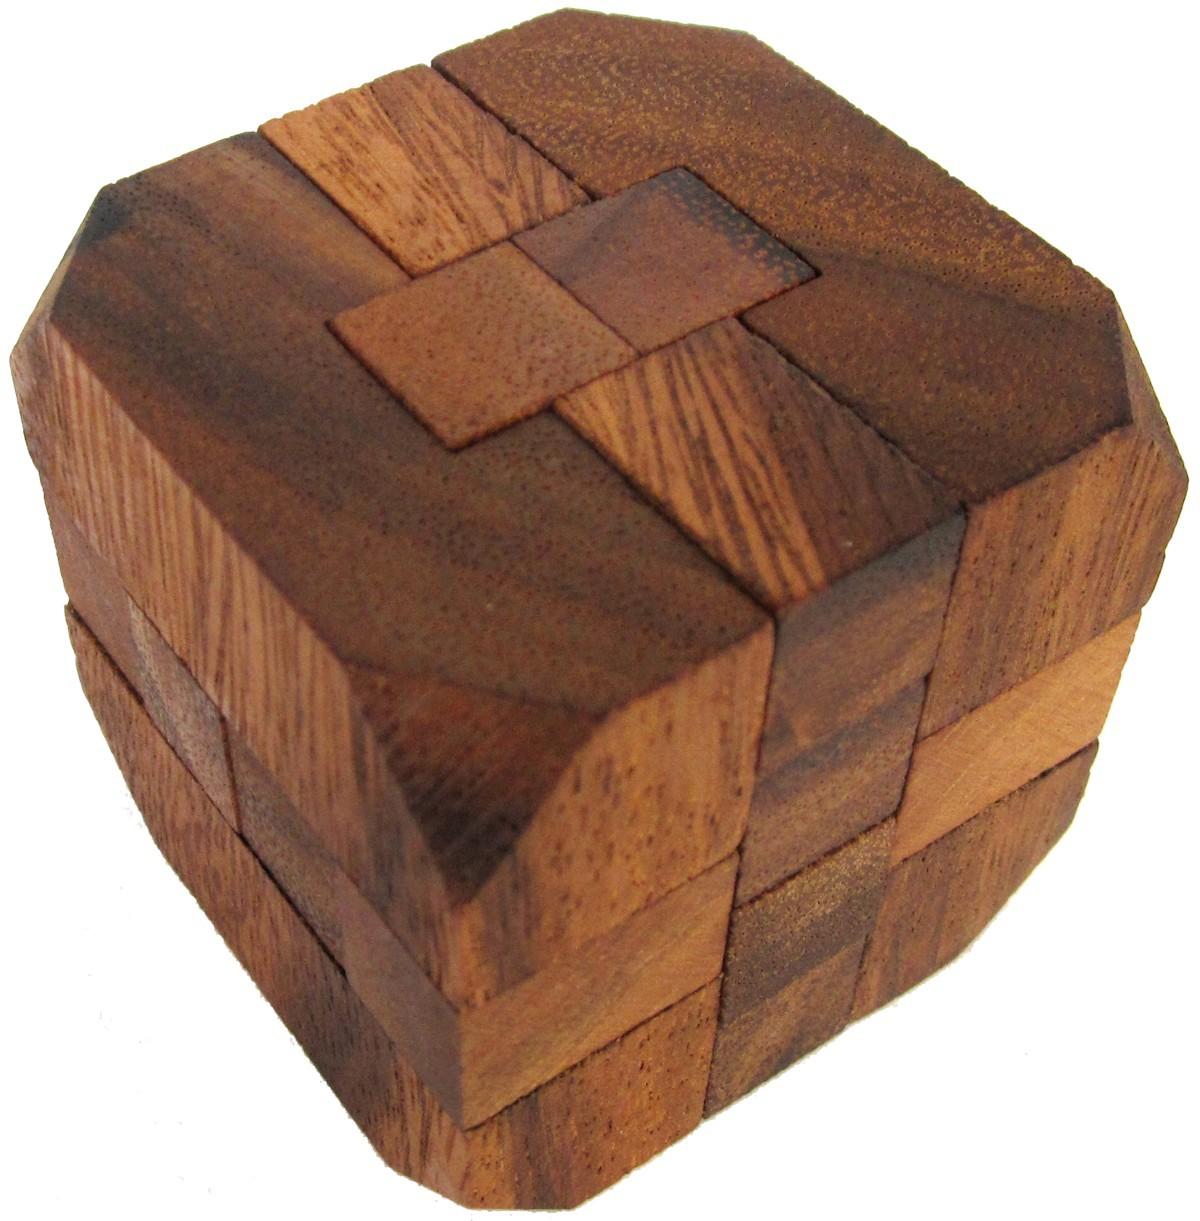 diamant g171 3d puzzle denkspiel knobelspiel geduldspiel aus holz spiele f r 1 spieler. Black Bedroom Furniture Sets. Home Design Ideas